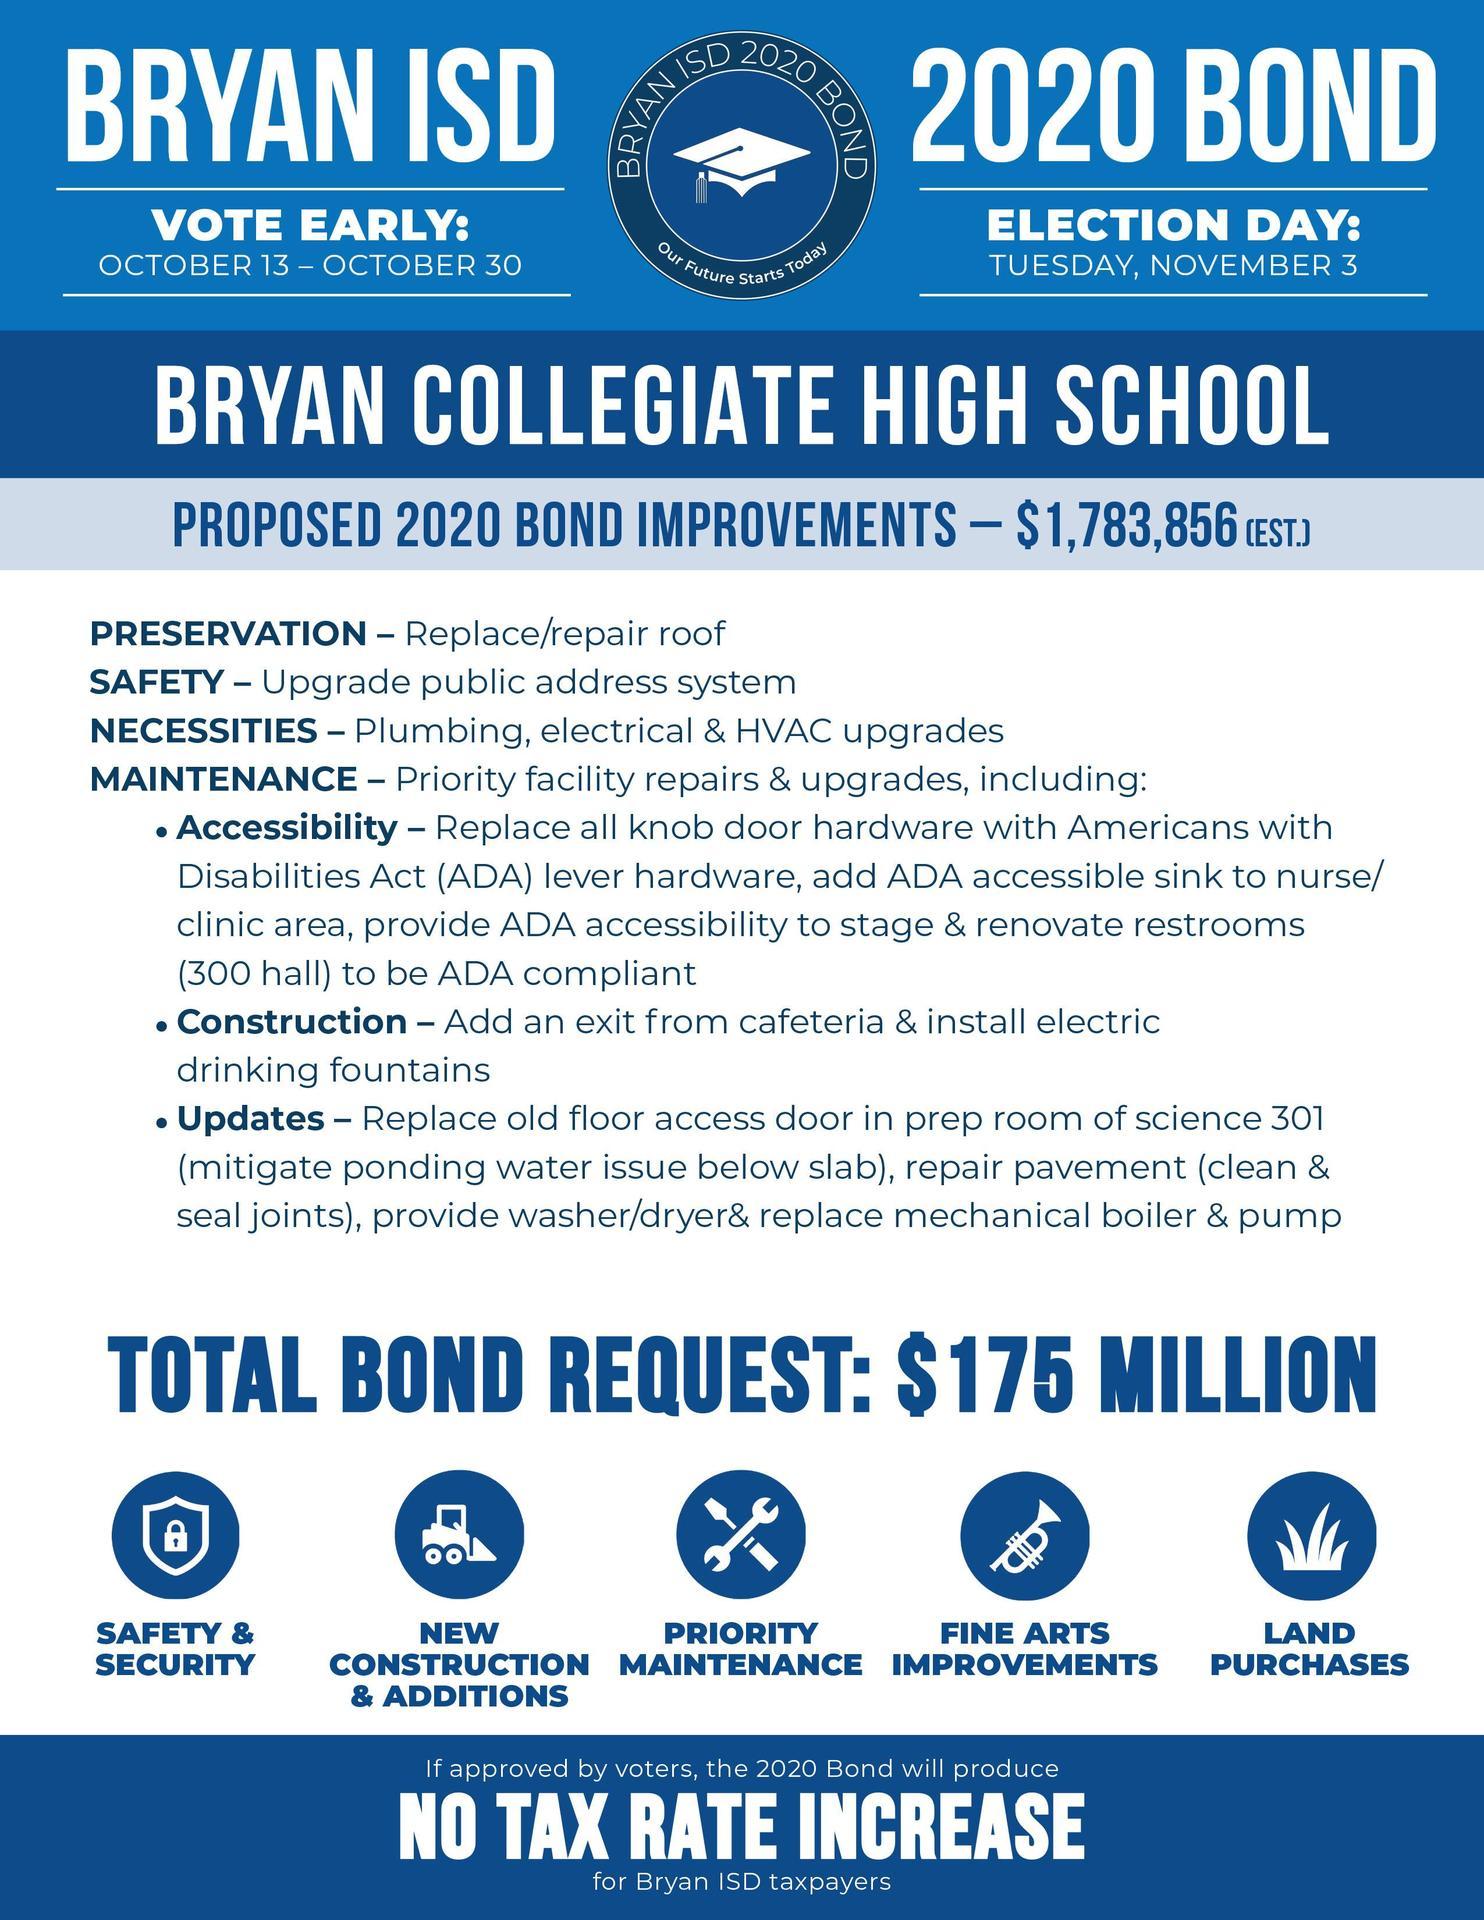 Bryan Collegiate High School Bond Information